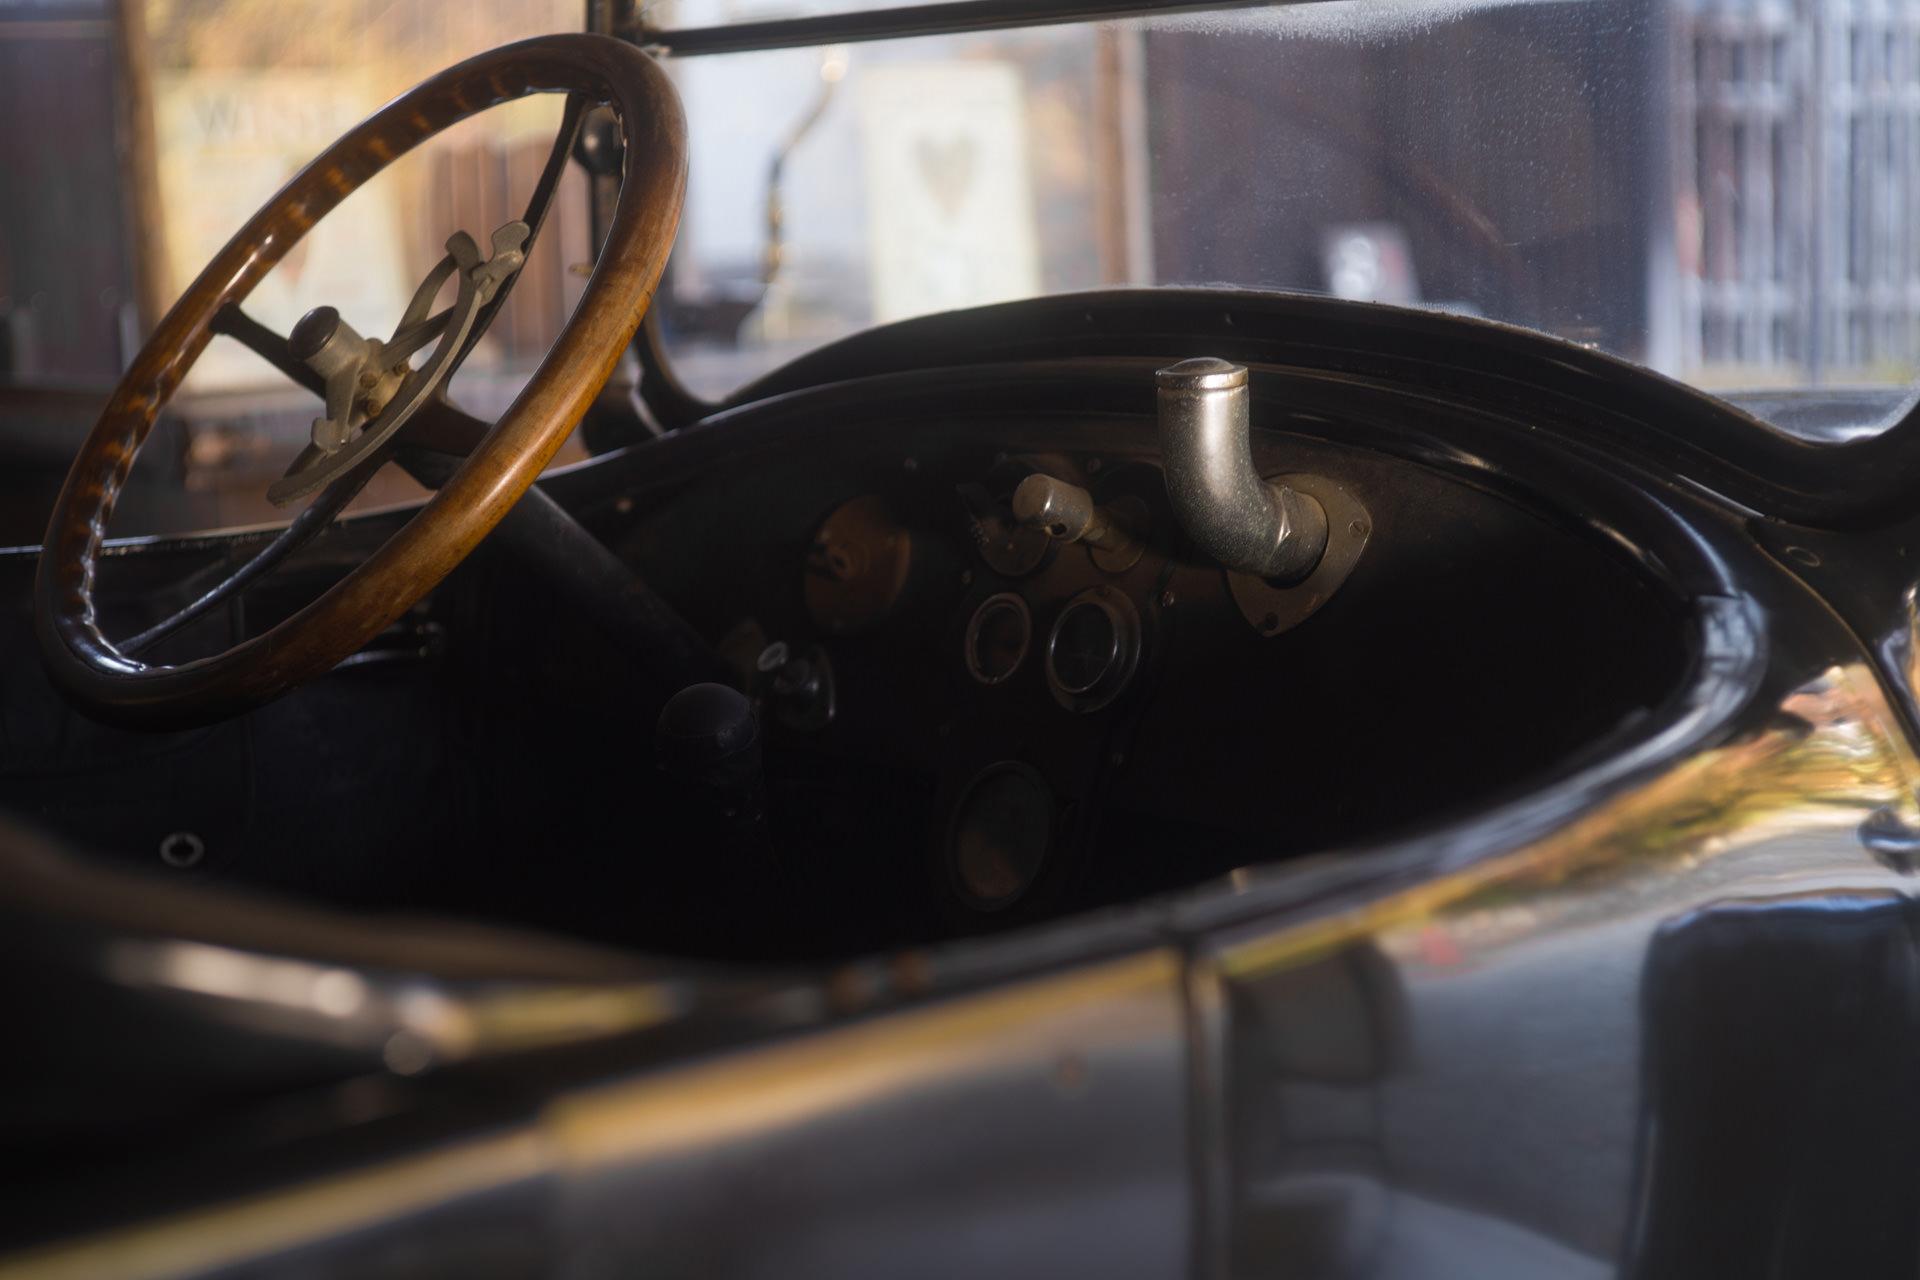 Leica M10-Dの作例